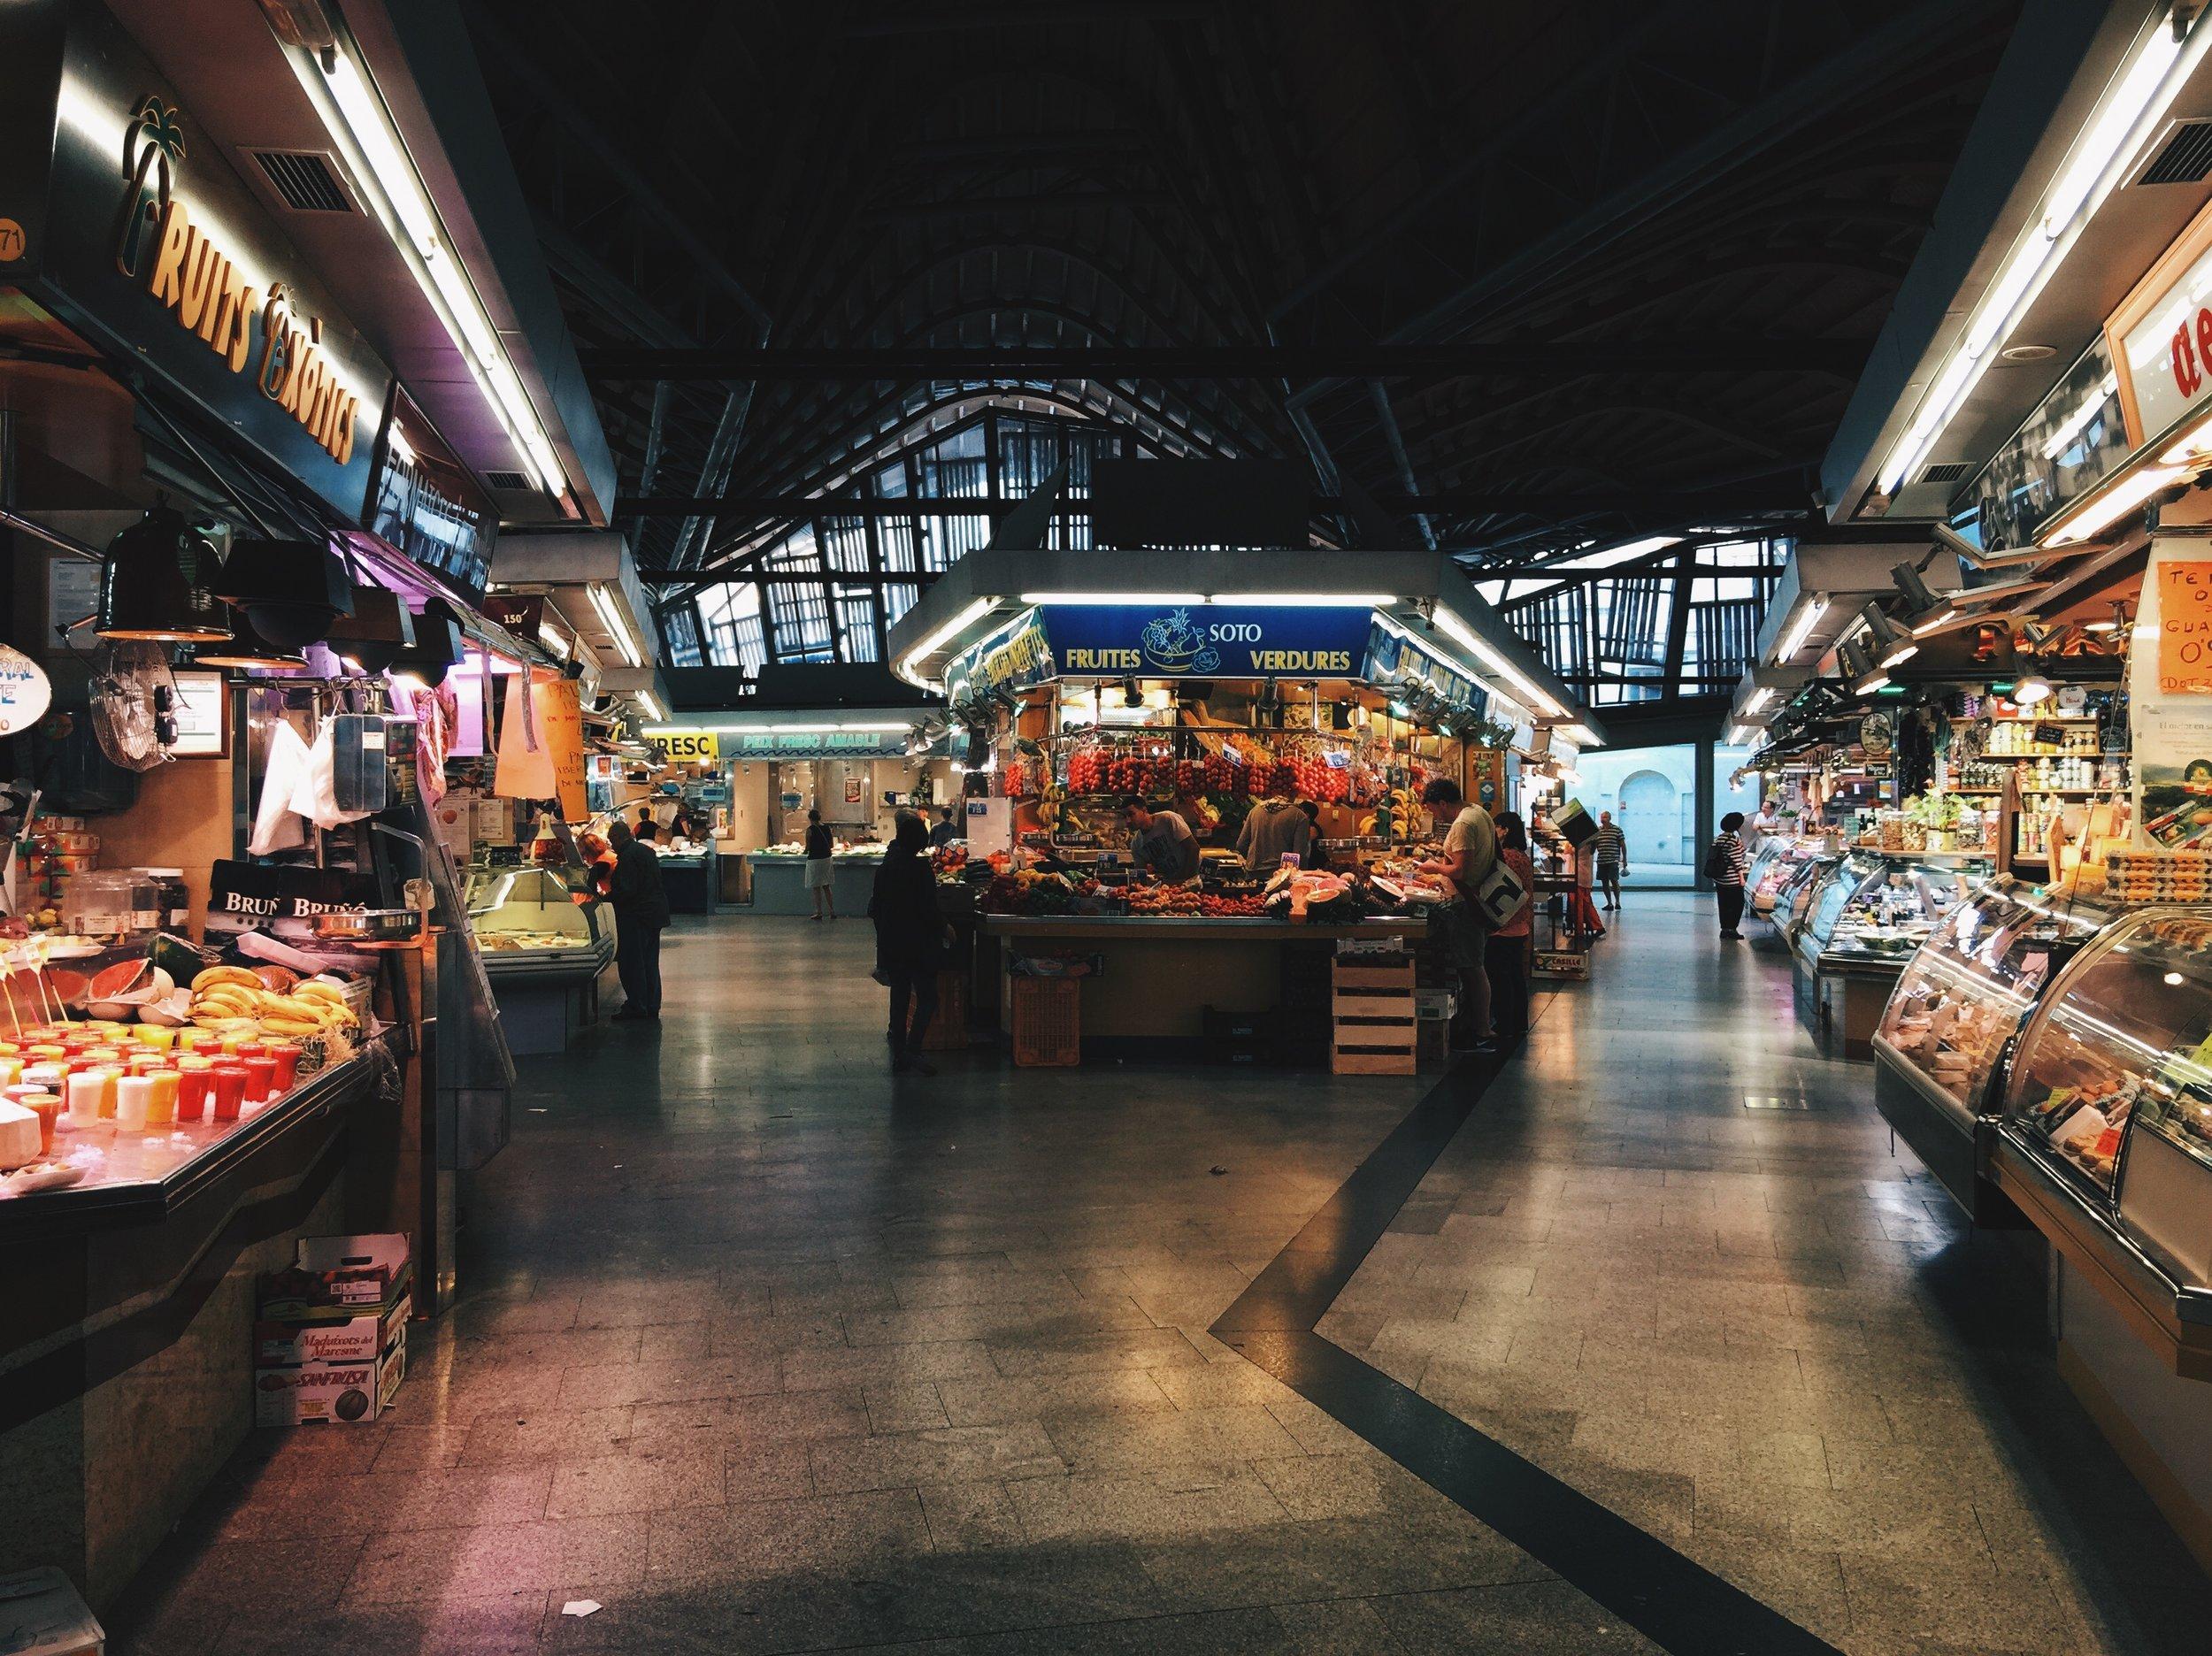 Plenty of room in Santa Caterina market